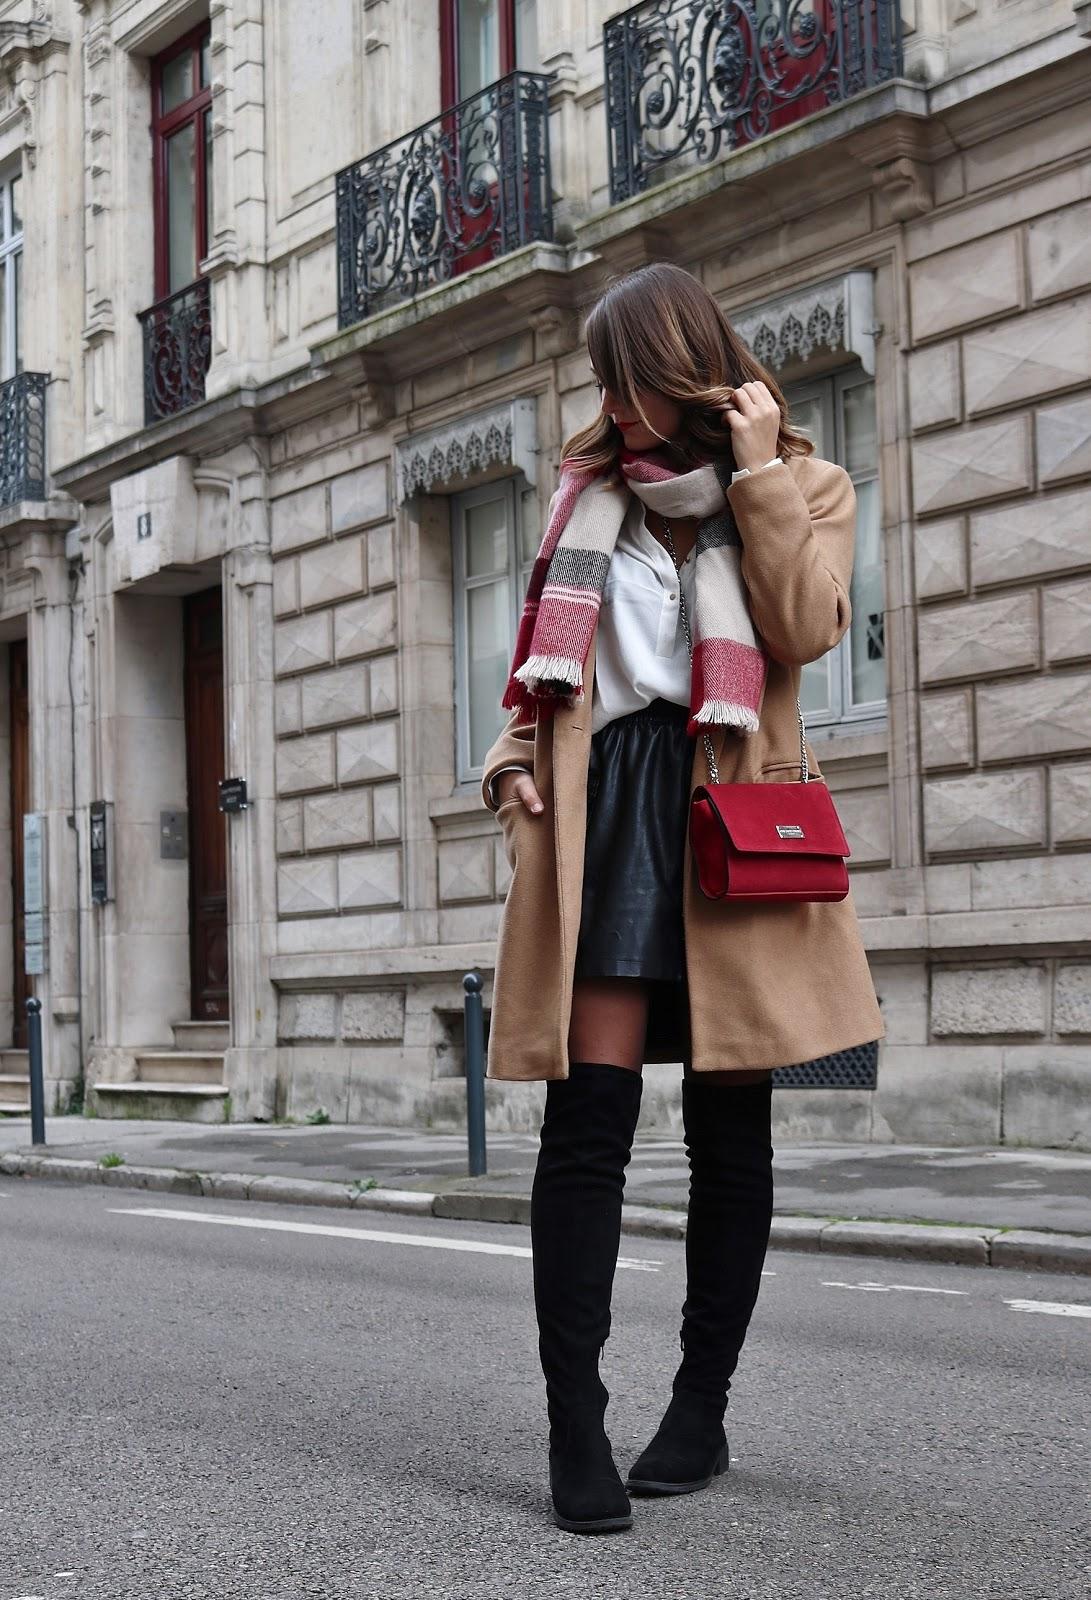 pauline dress blog mode déco lifestyle besancon tenue octobre 2017 cuissardes jupe similicuir blouse blanche manteau camel sac rouge grosse echarpe rue Besançon